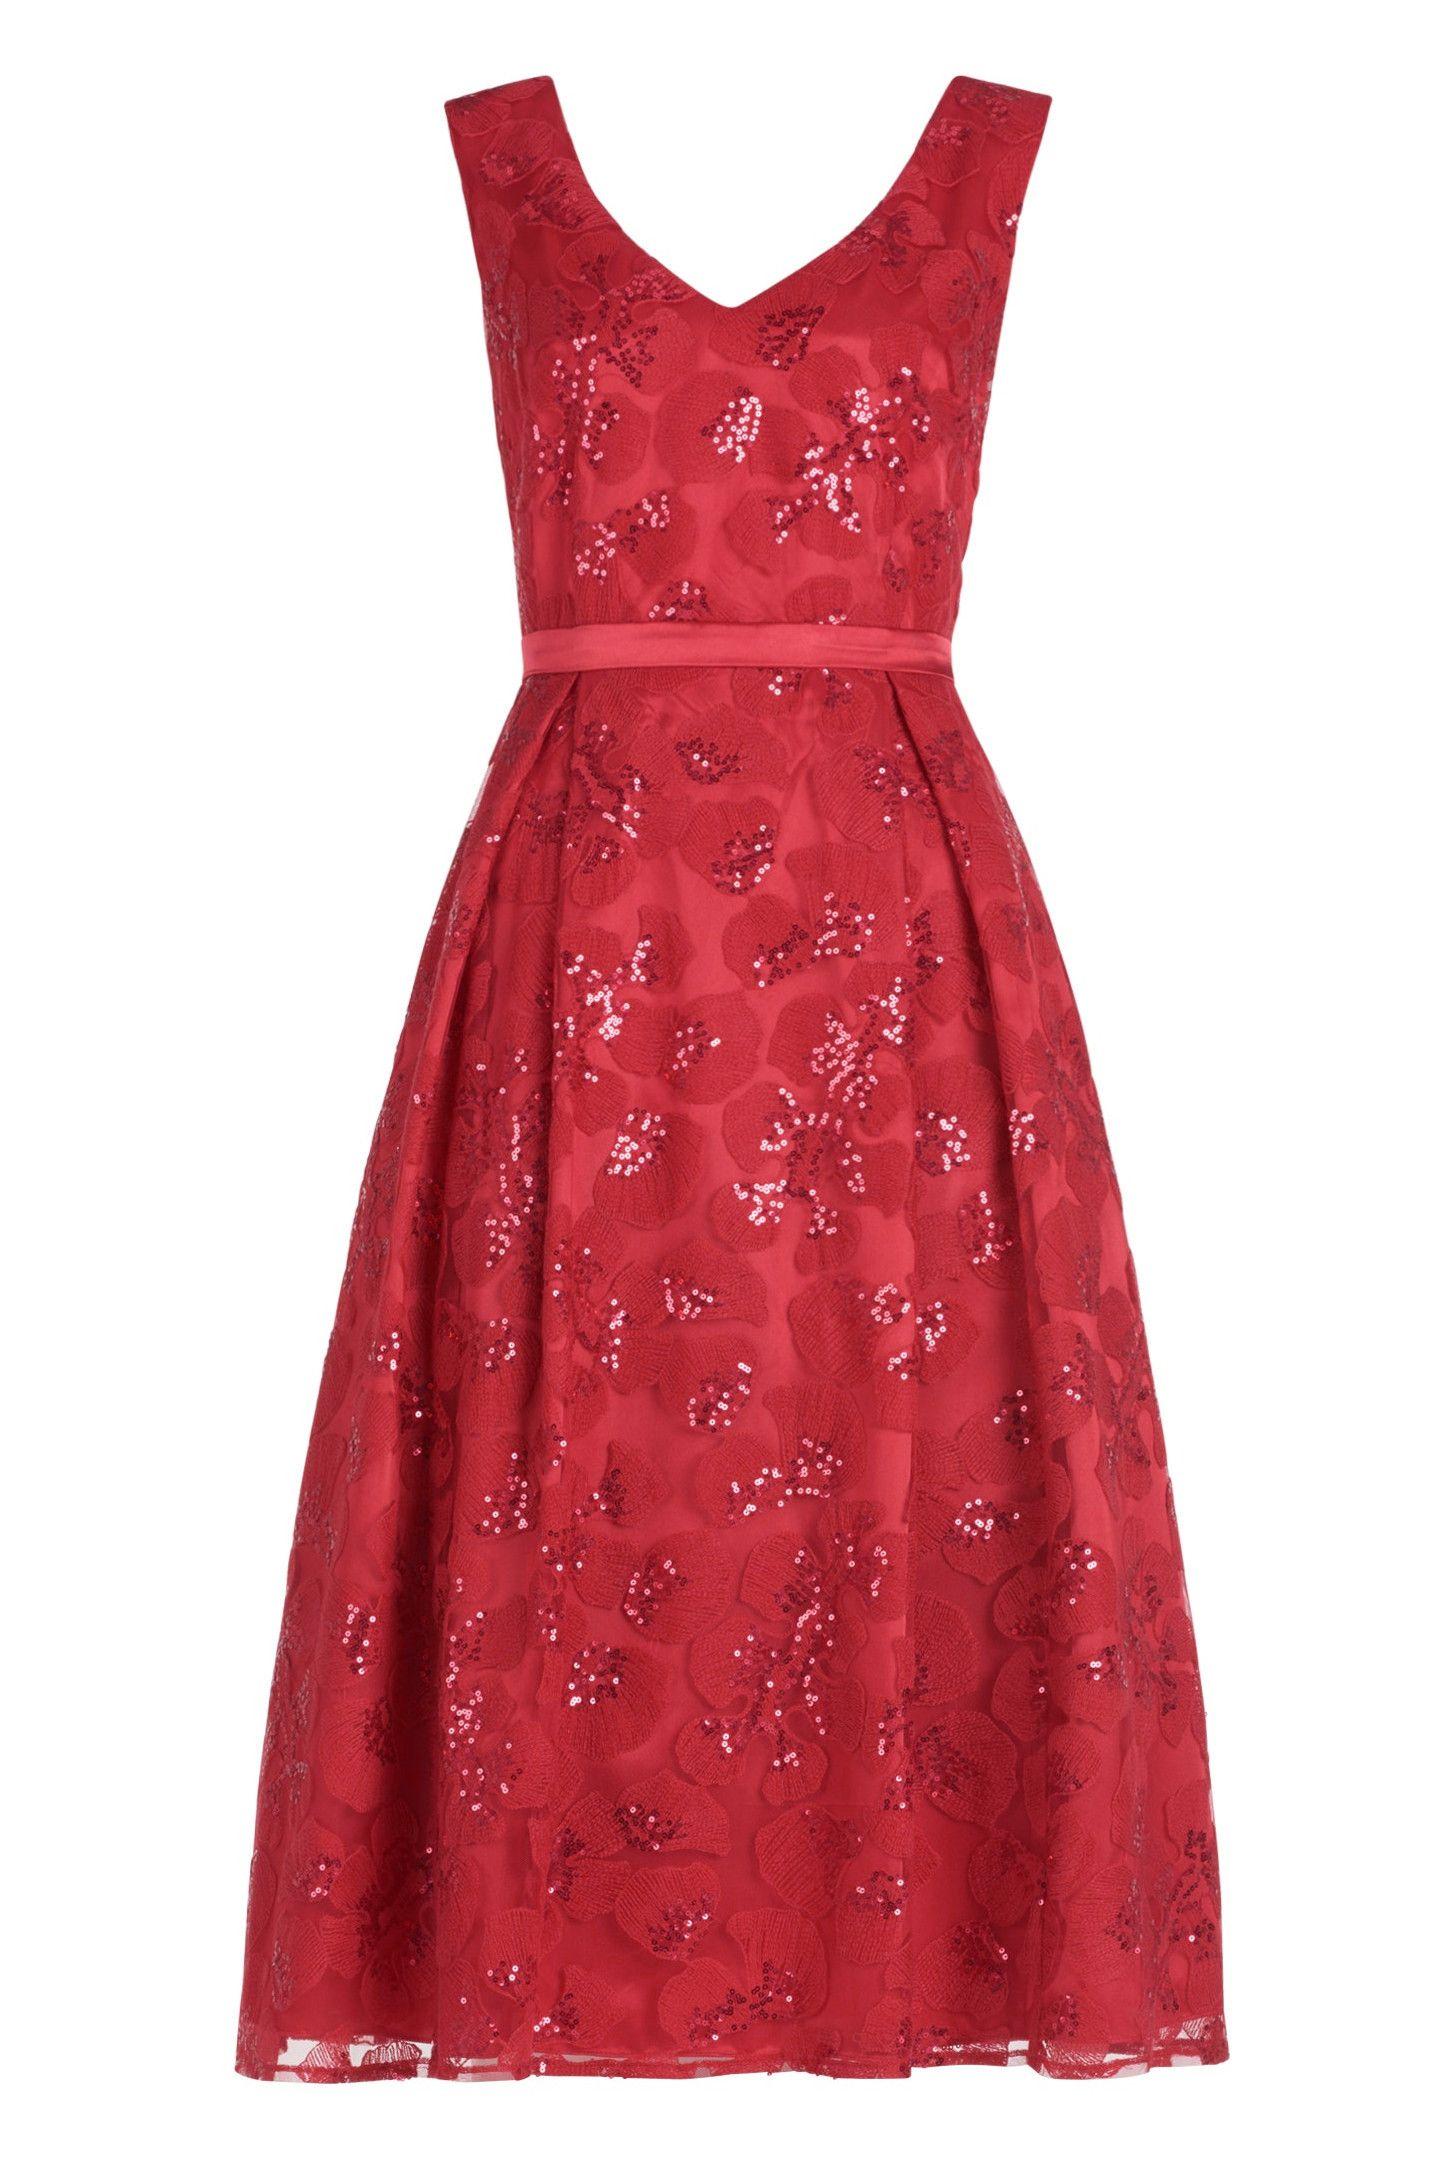 Wunderschönes rotes Kleid in Midi-Länge! Tolles Kleid aus ...